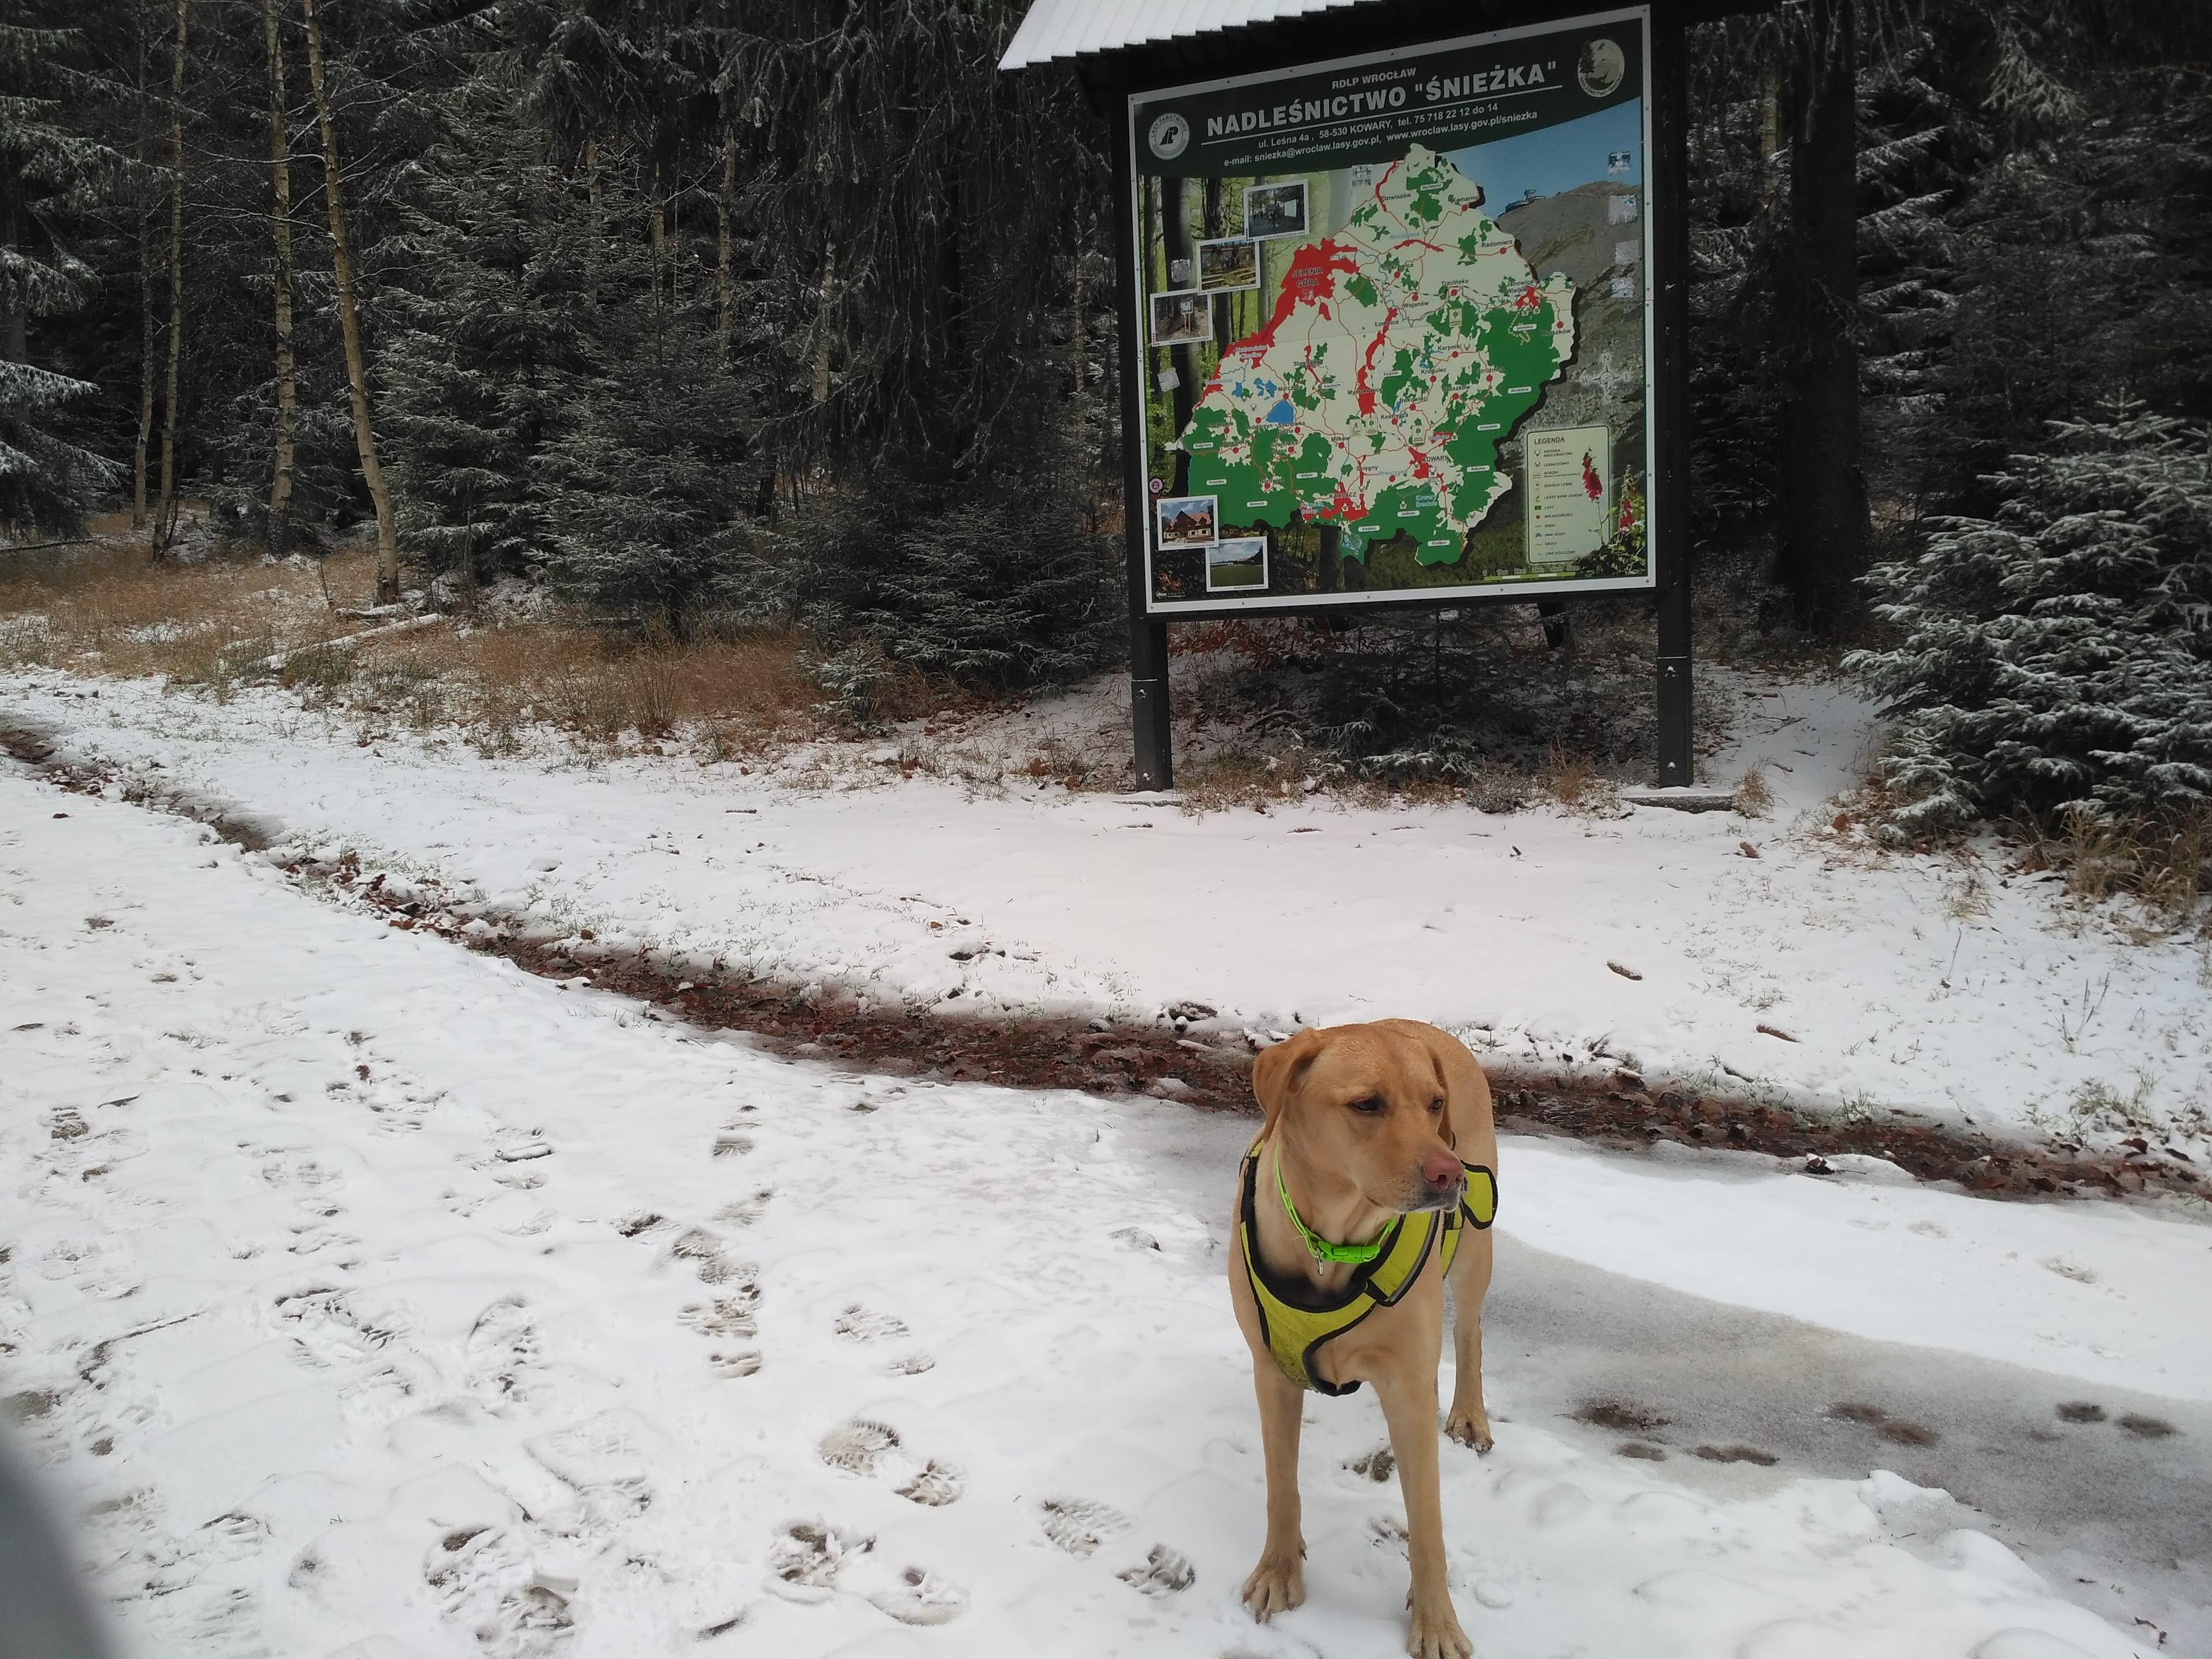 Nadleśnictwo Śnieżka